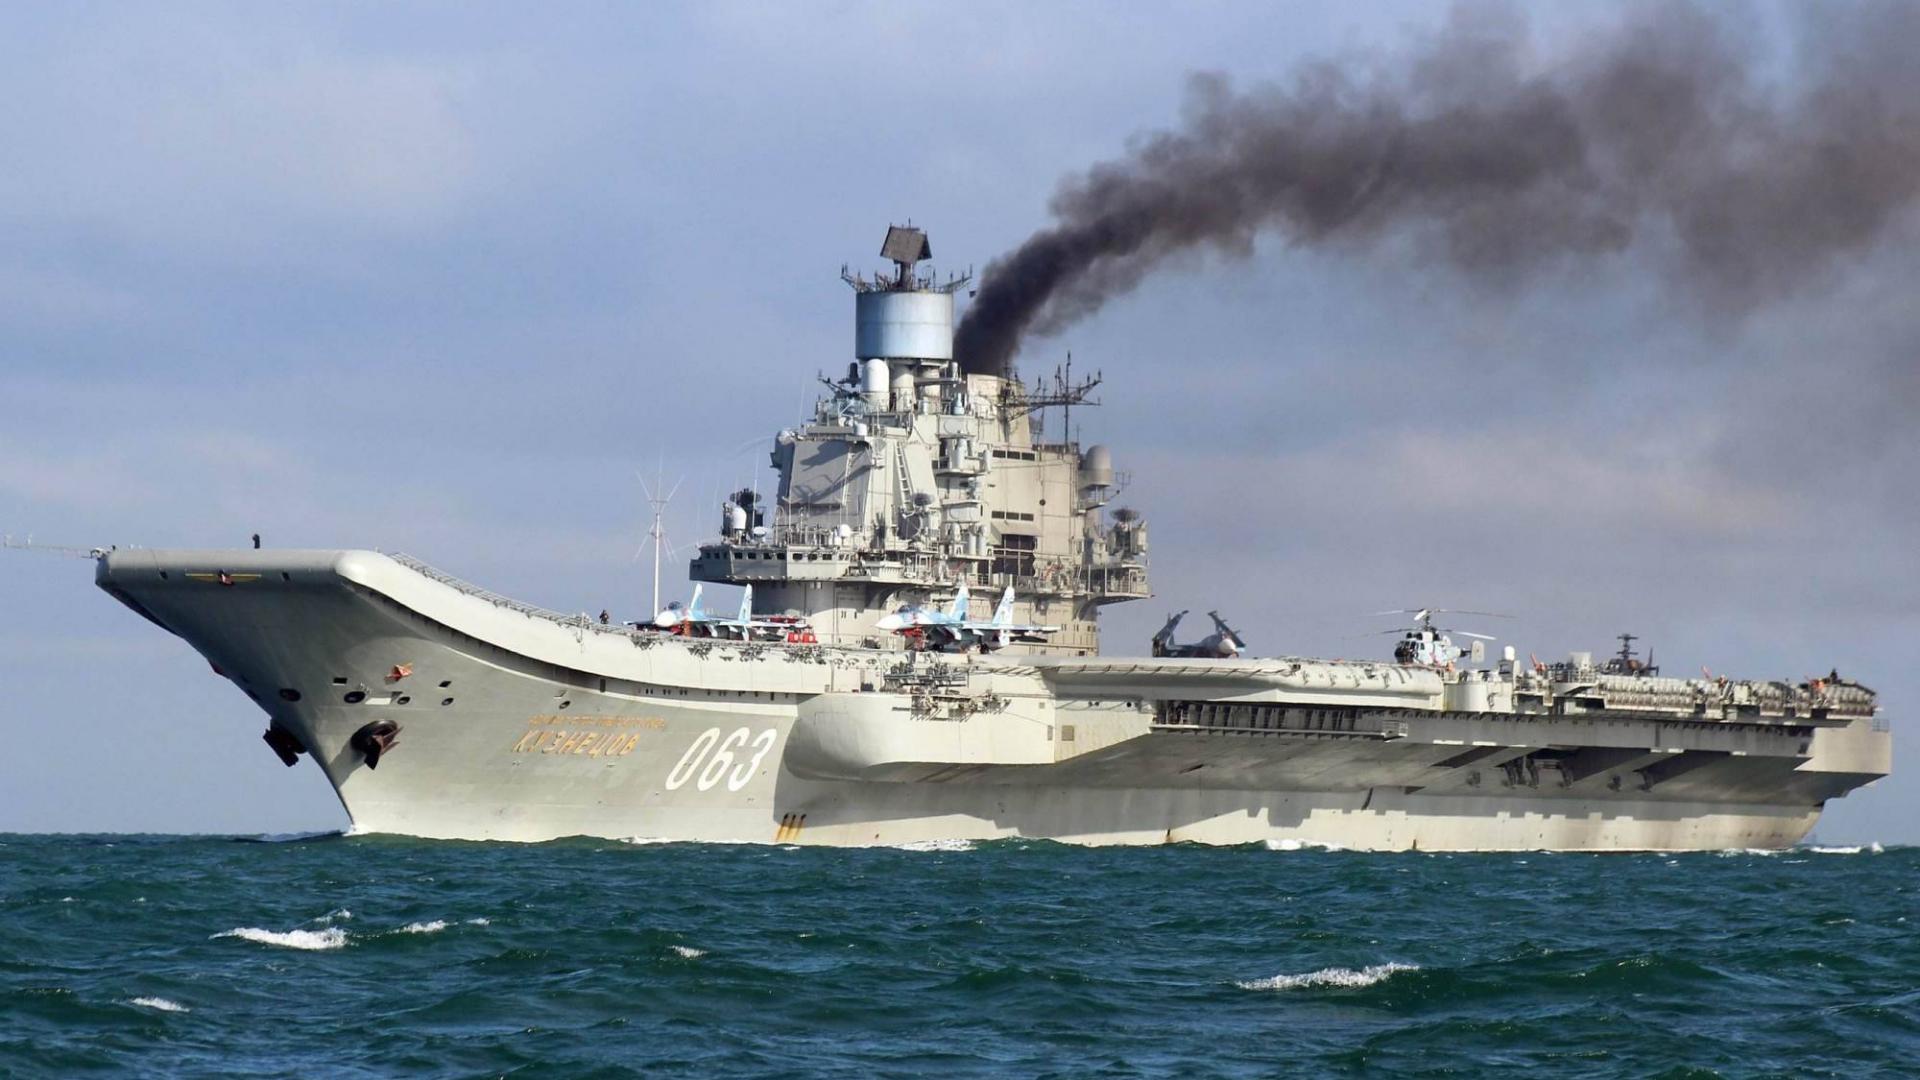 俄罗斯海军新战舰采用中国动力,俄专家:直接买中国整船多好啊!